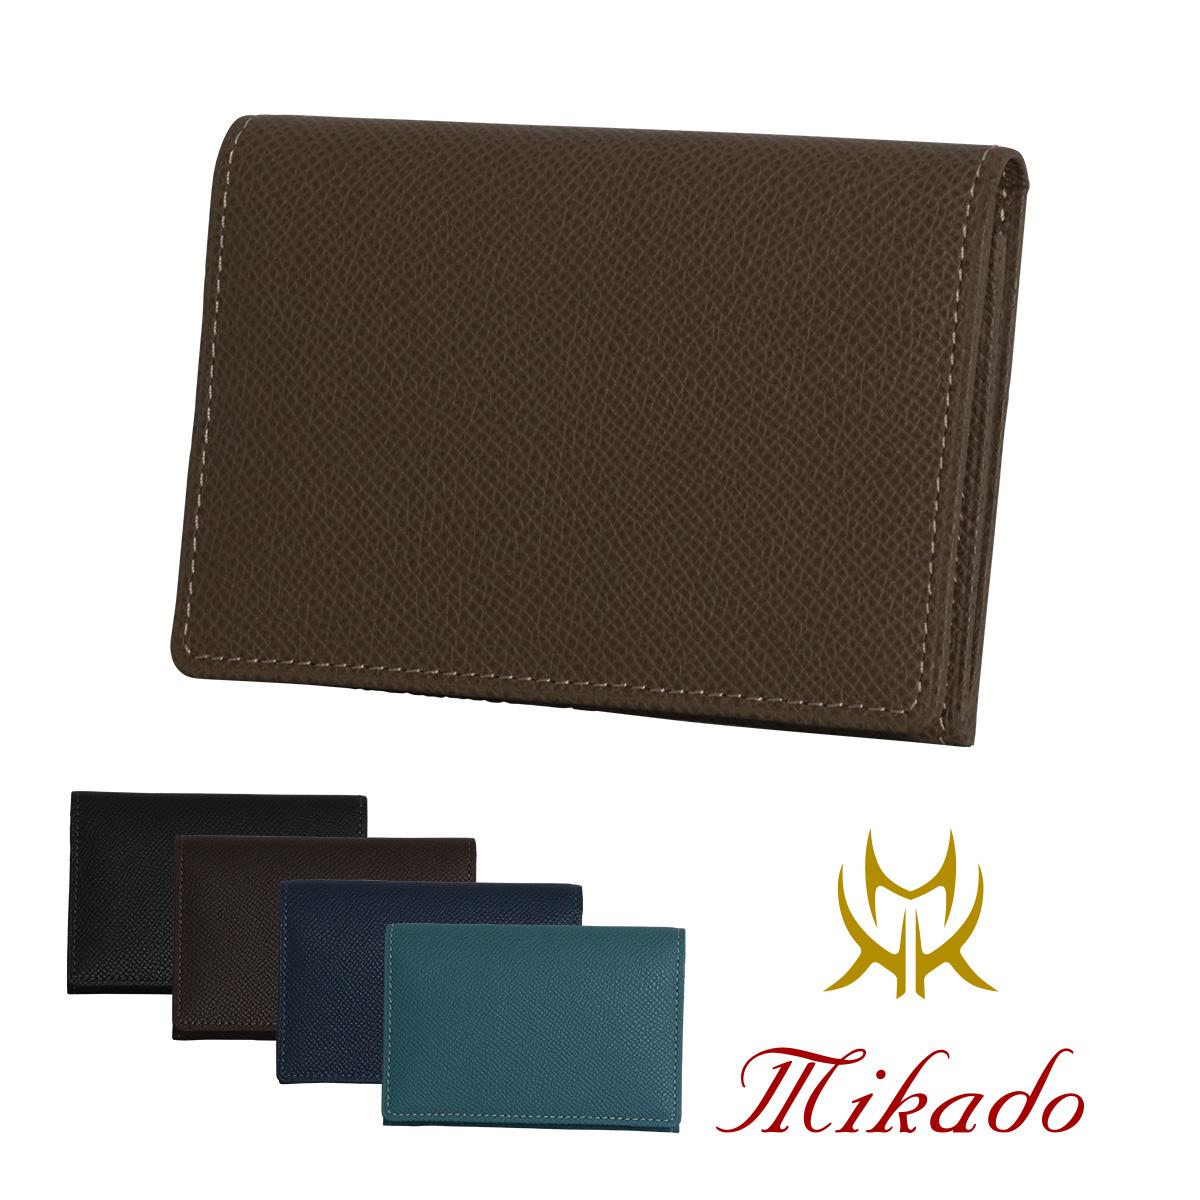 ミカド Mikado カードケース 720016 ワープロラックス 【 渡りマチ 名刺入れ メンズ レザー 】【PO5】[bef][即日発送]